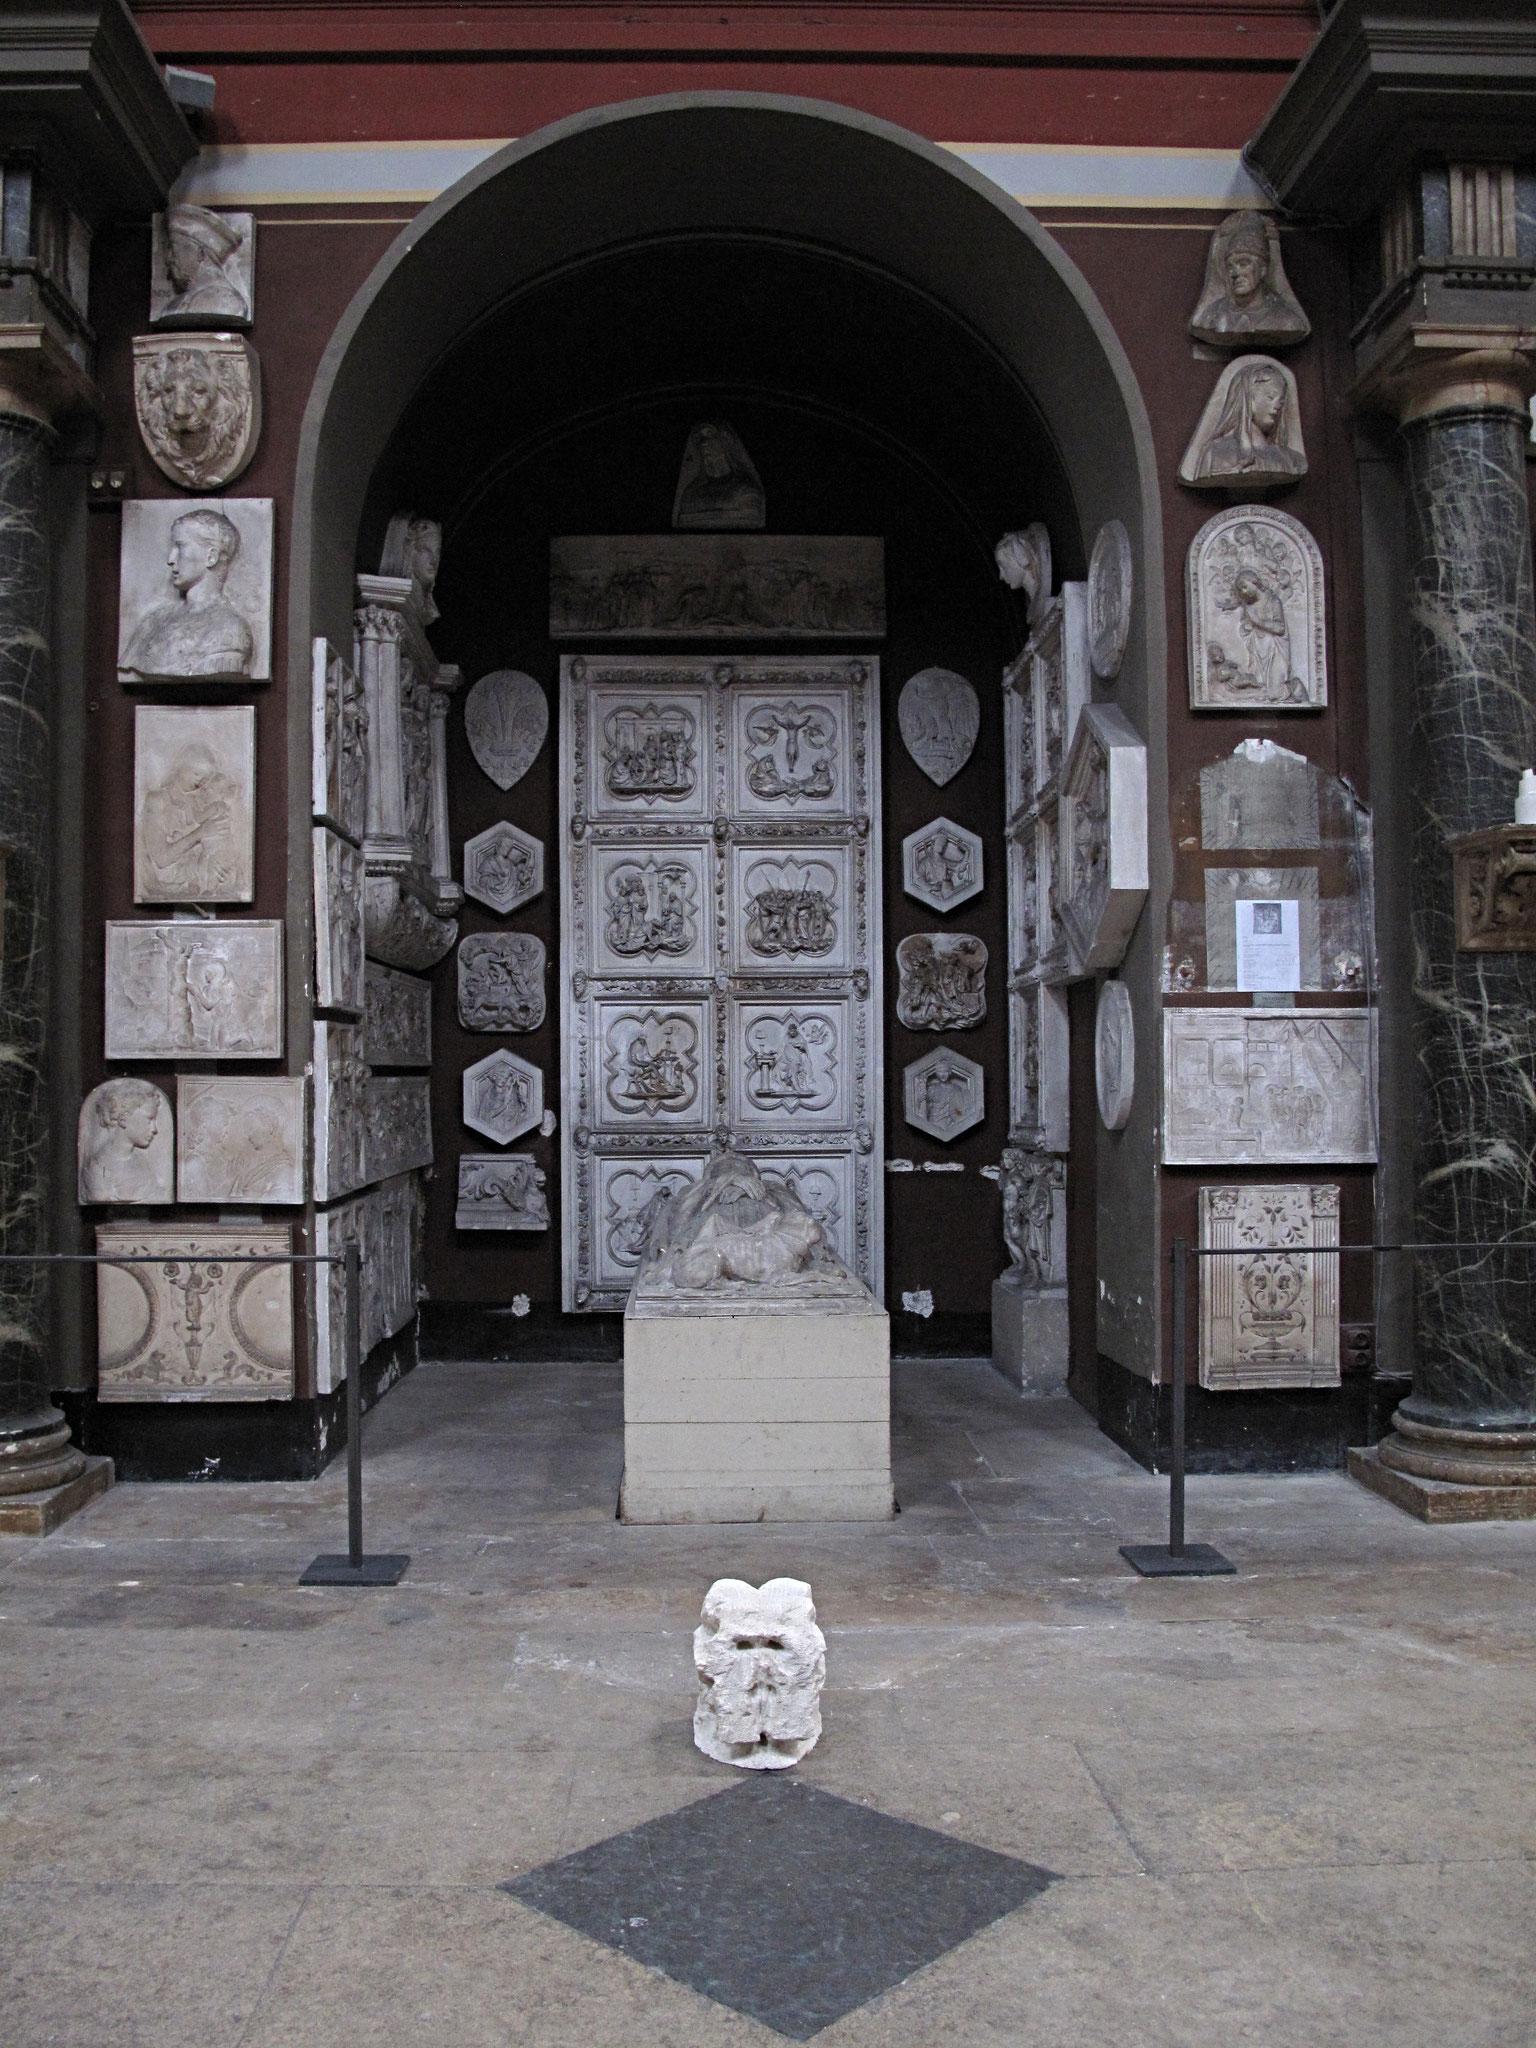 Crâne d'éléphant, pierre calcaire, 2017